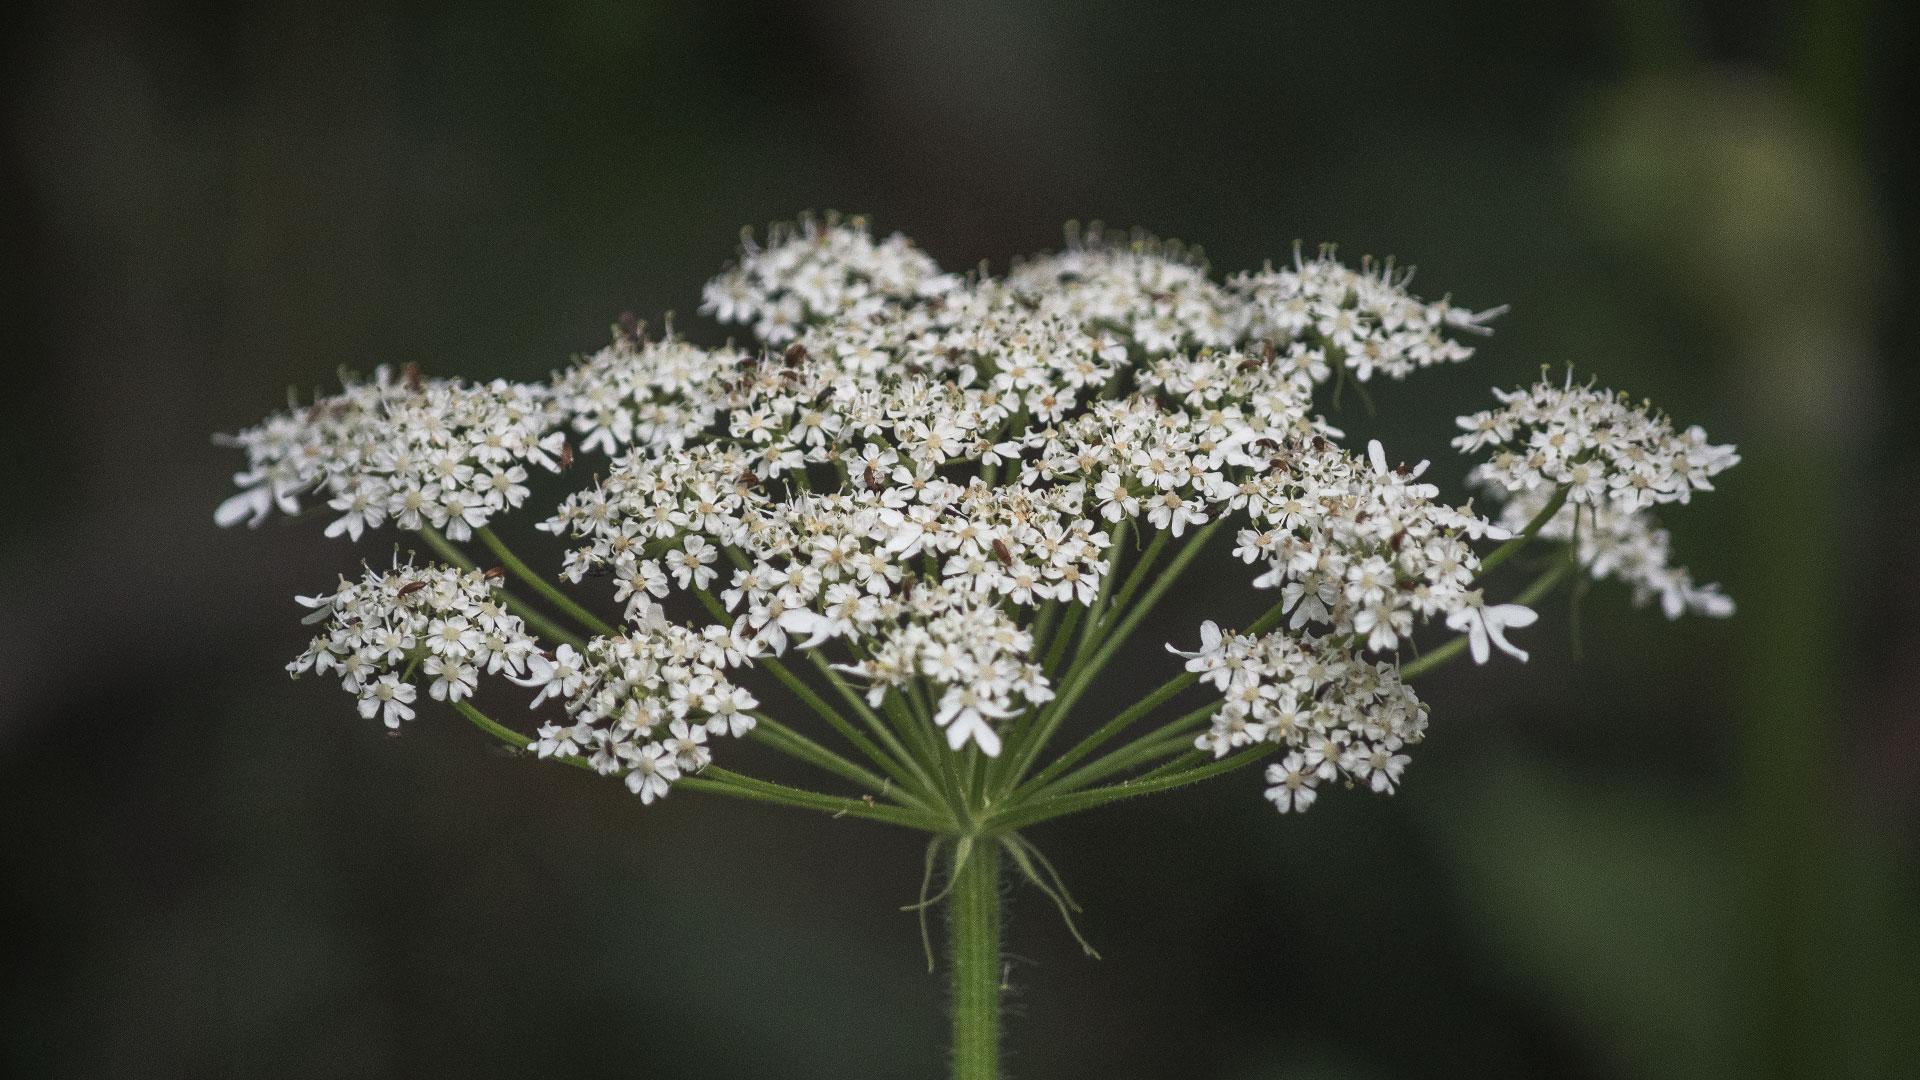 Common Cowparsnip (Heracleum maximum)